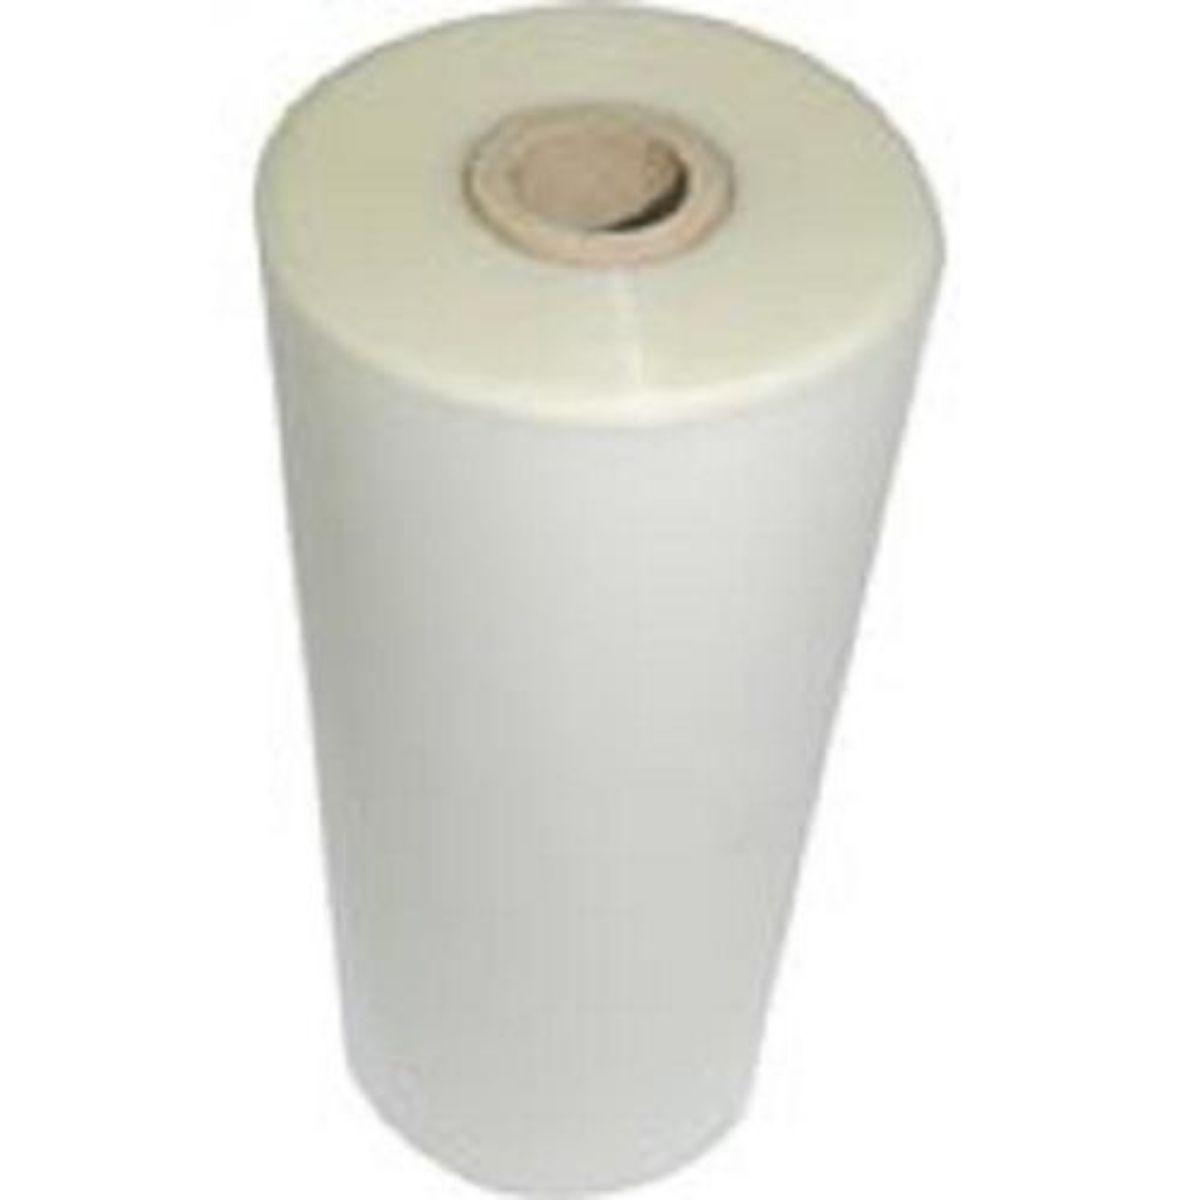 Bobina para Plastificação A3 34cm x 45M x 0,08mm (190 micras)  - Click Suprimentos